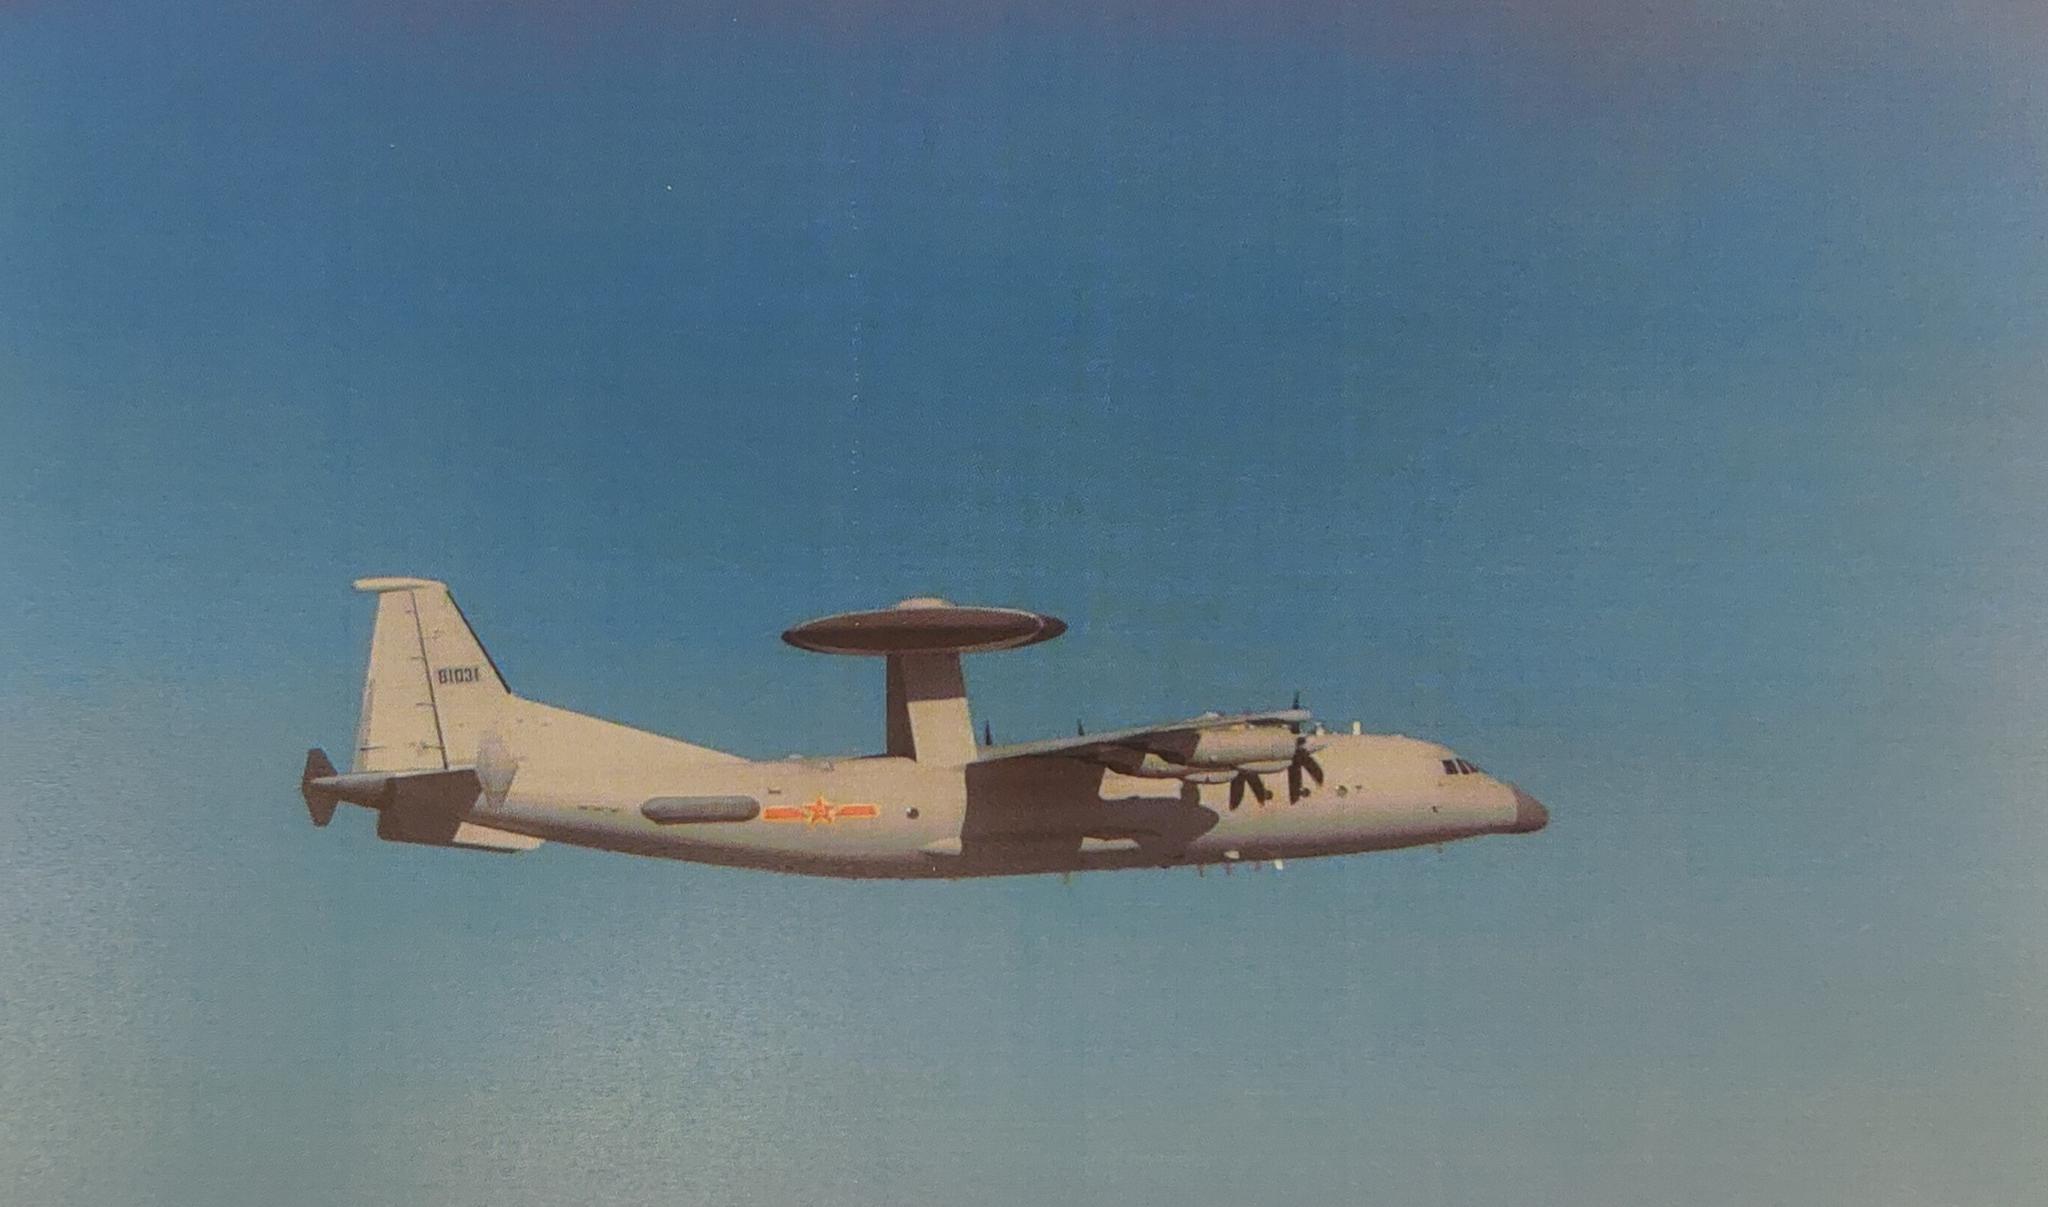 台军:解放军空警-500预警机昨日进入台西南空域图片